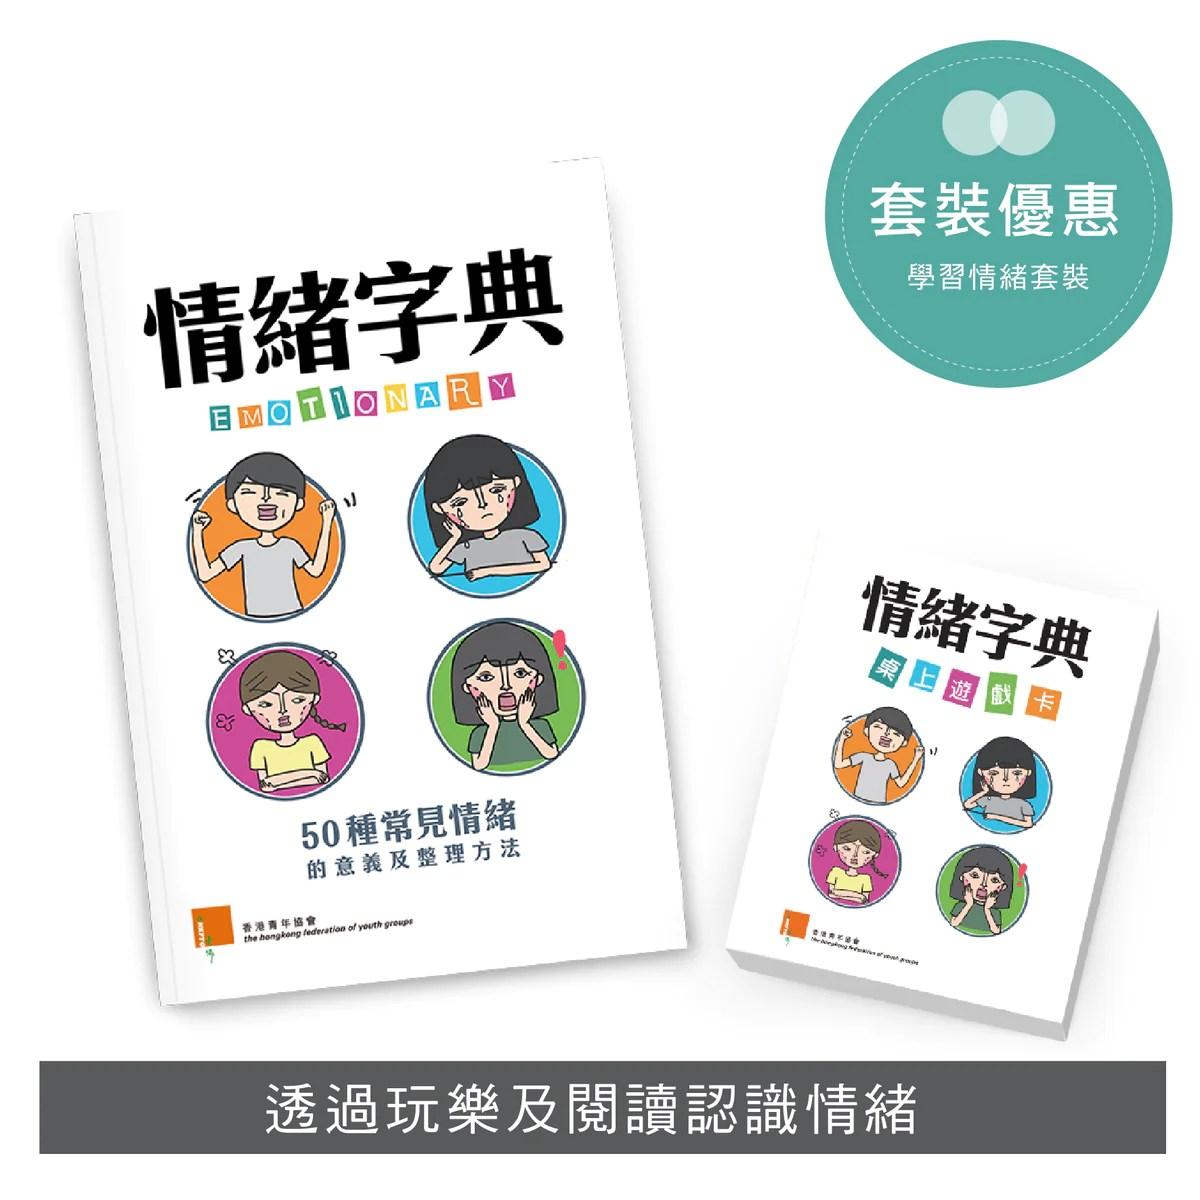 【情緒字典】 – The Hong Kong Federation of Youth Groups